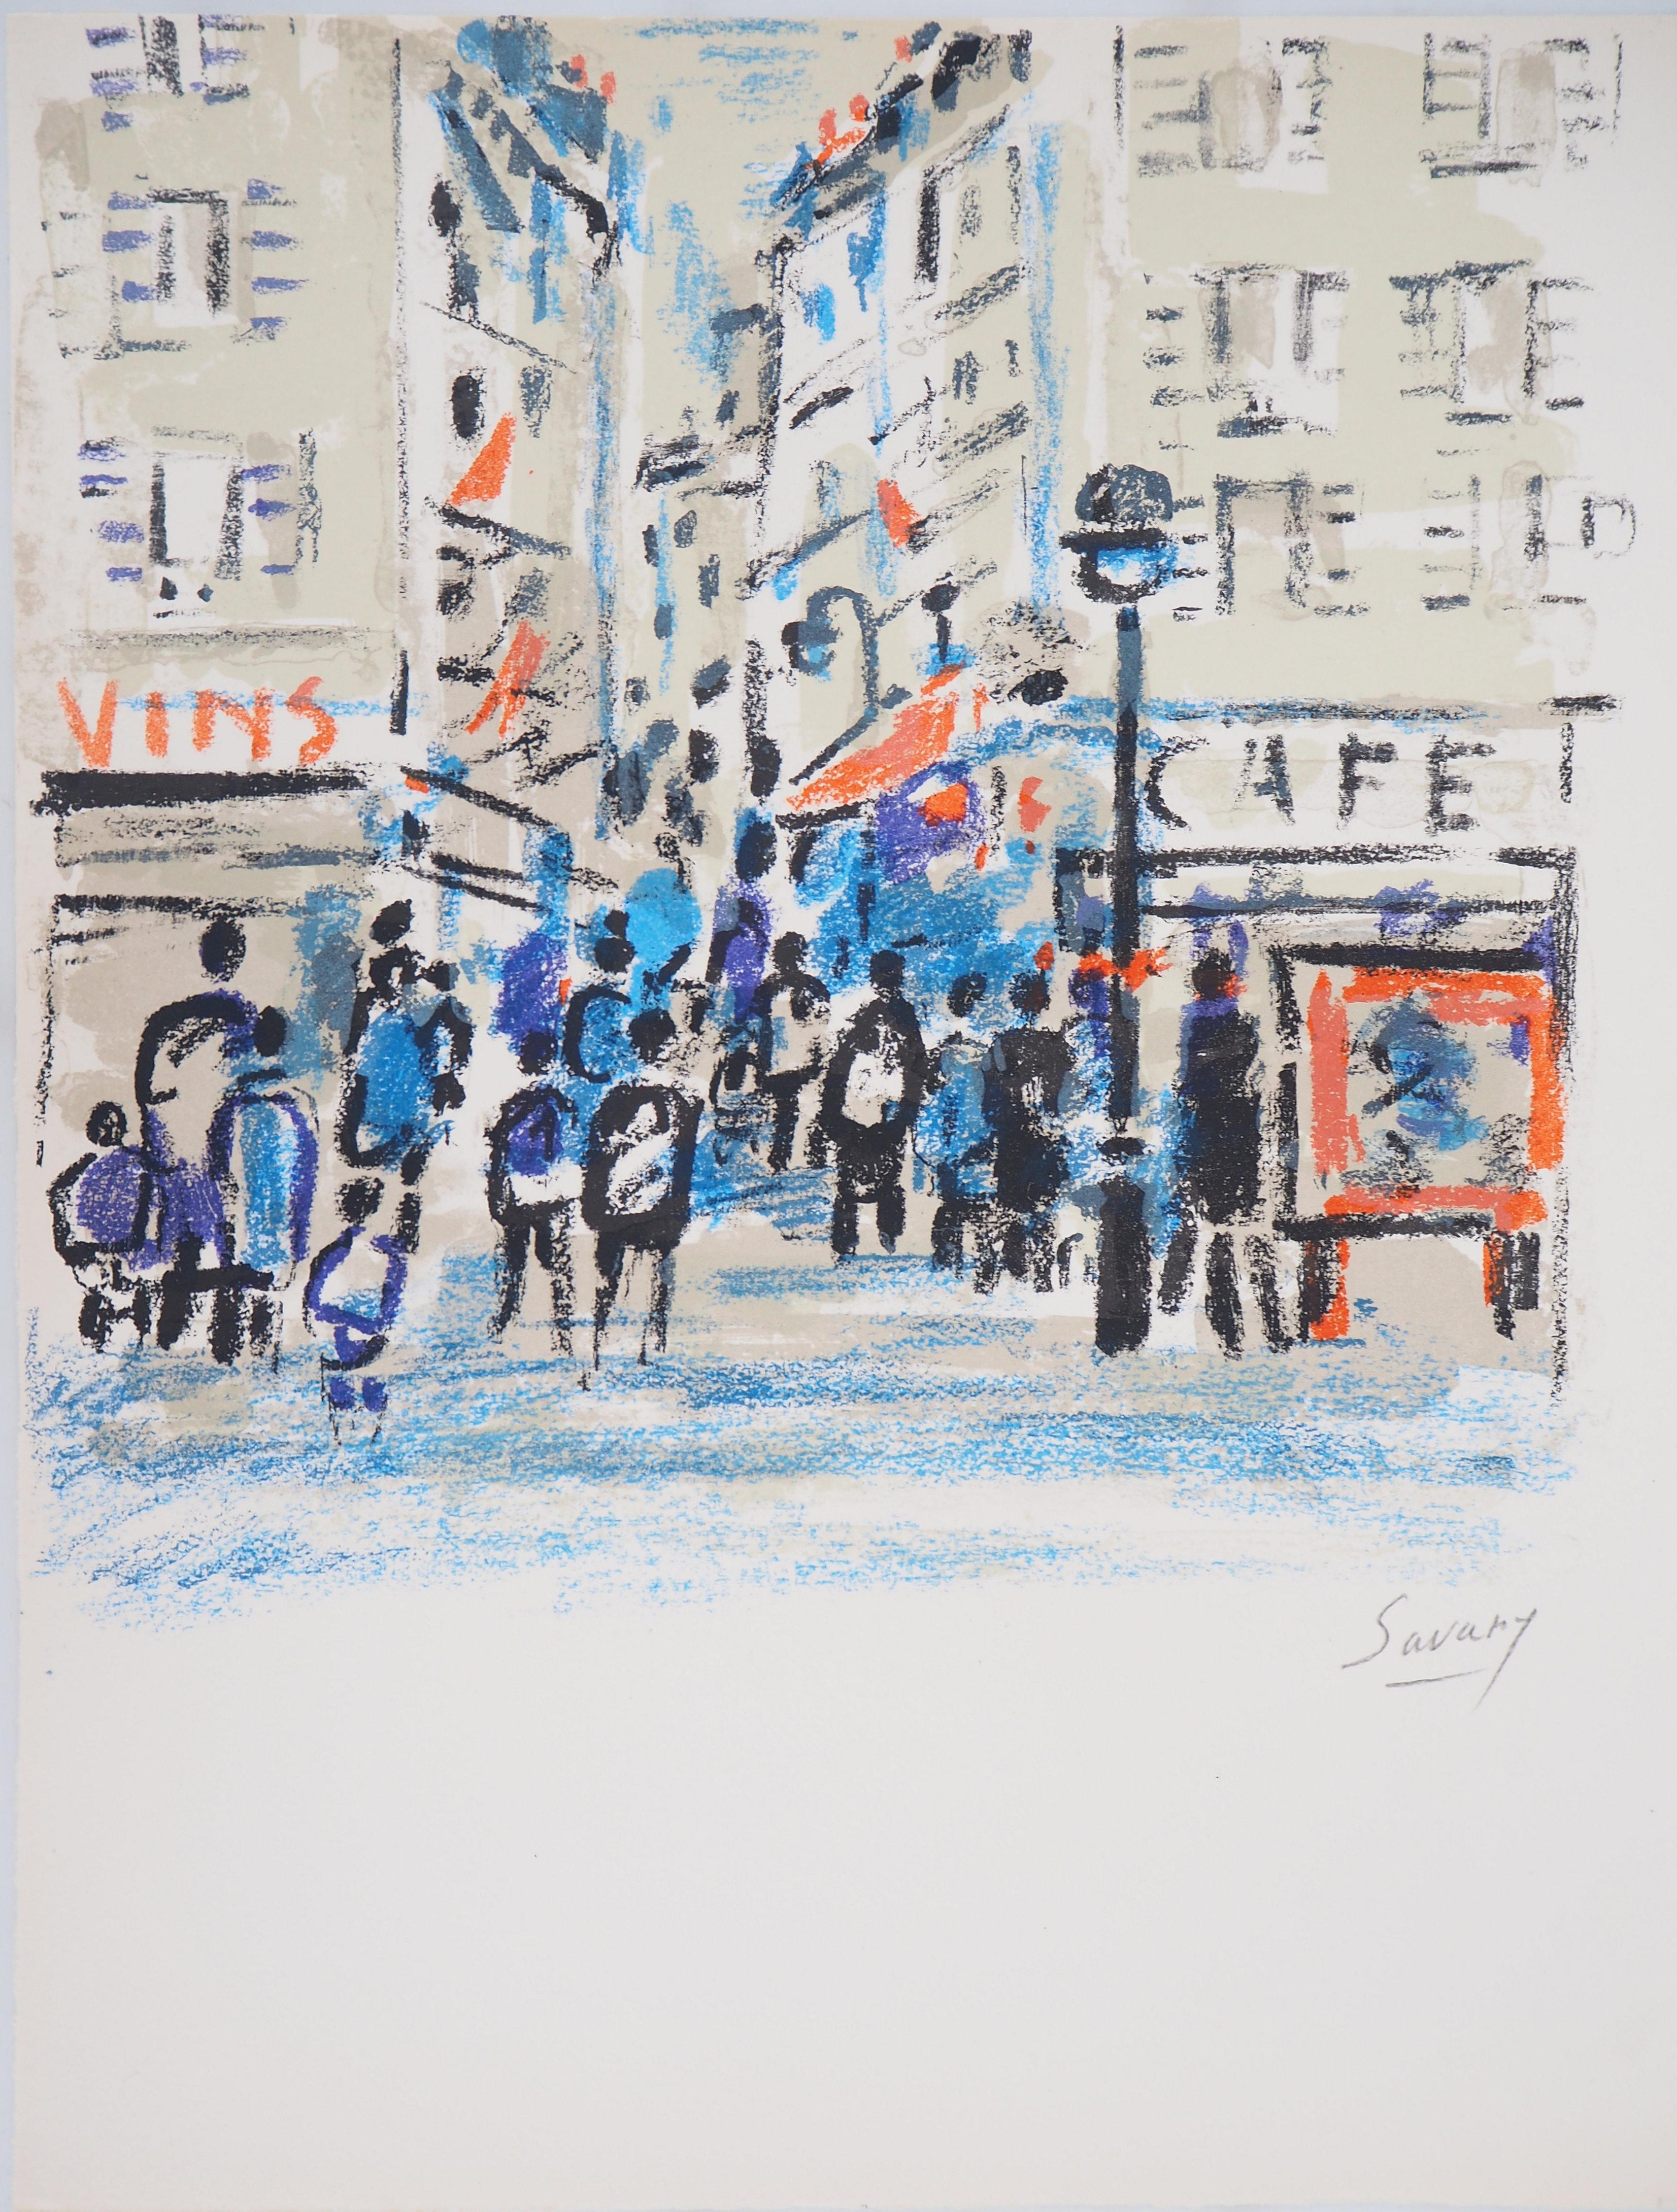 Paris : Animated Street - Original Lithograph, Handsigned